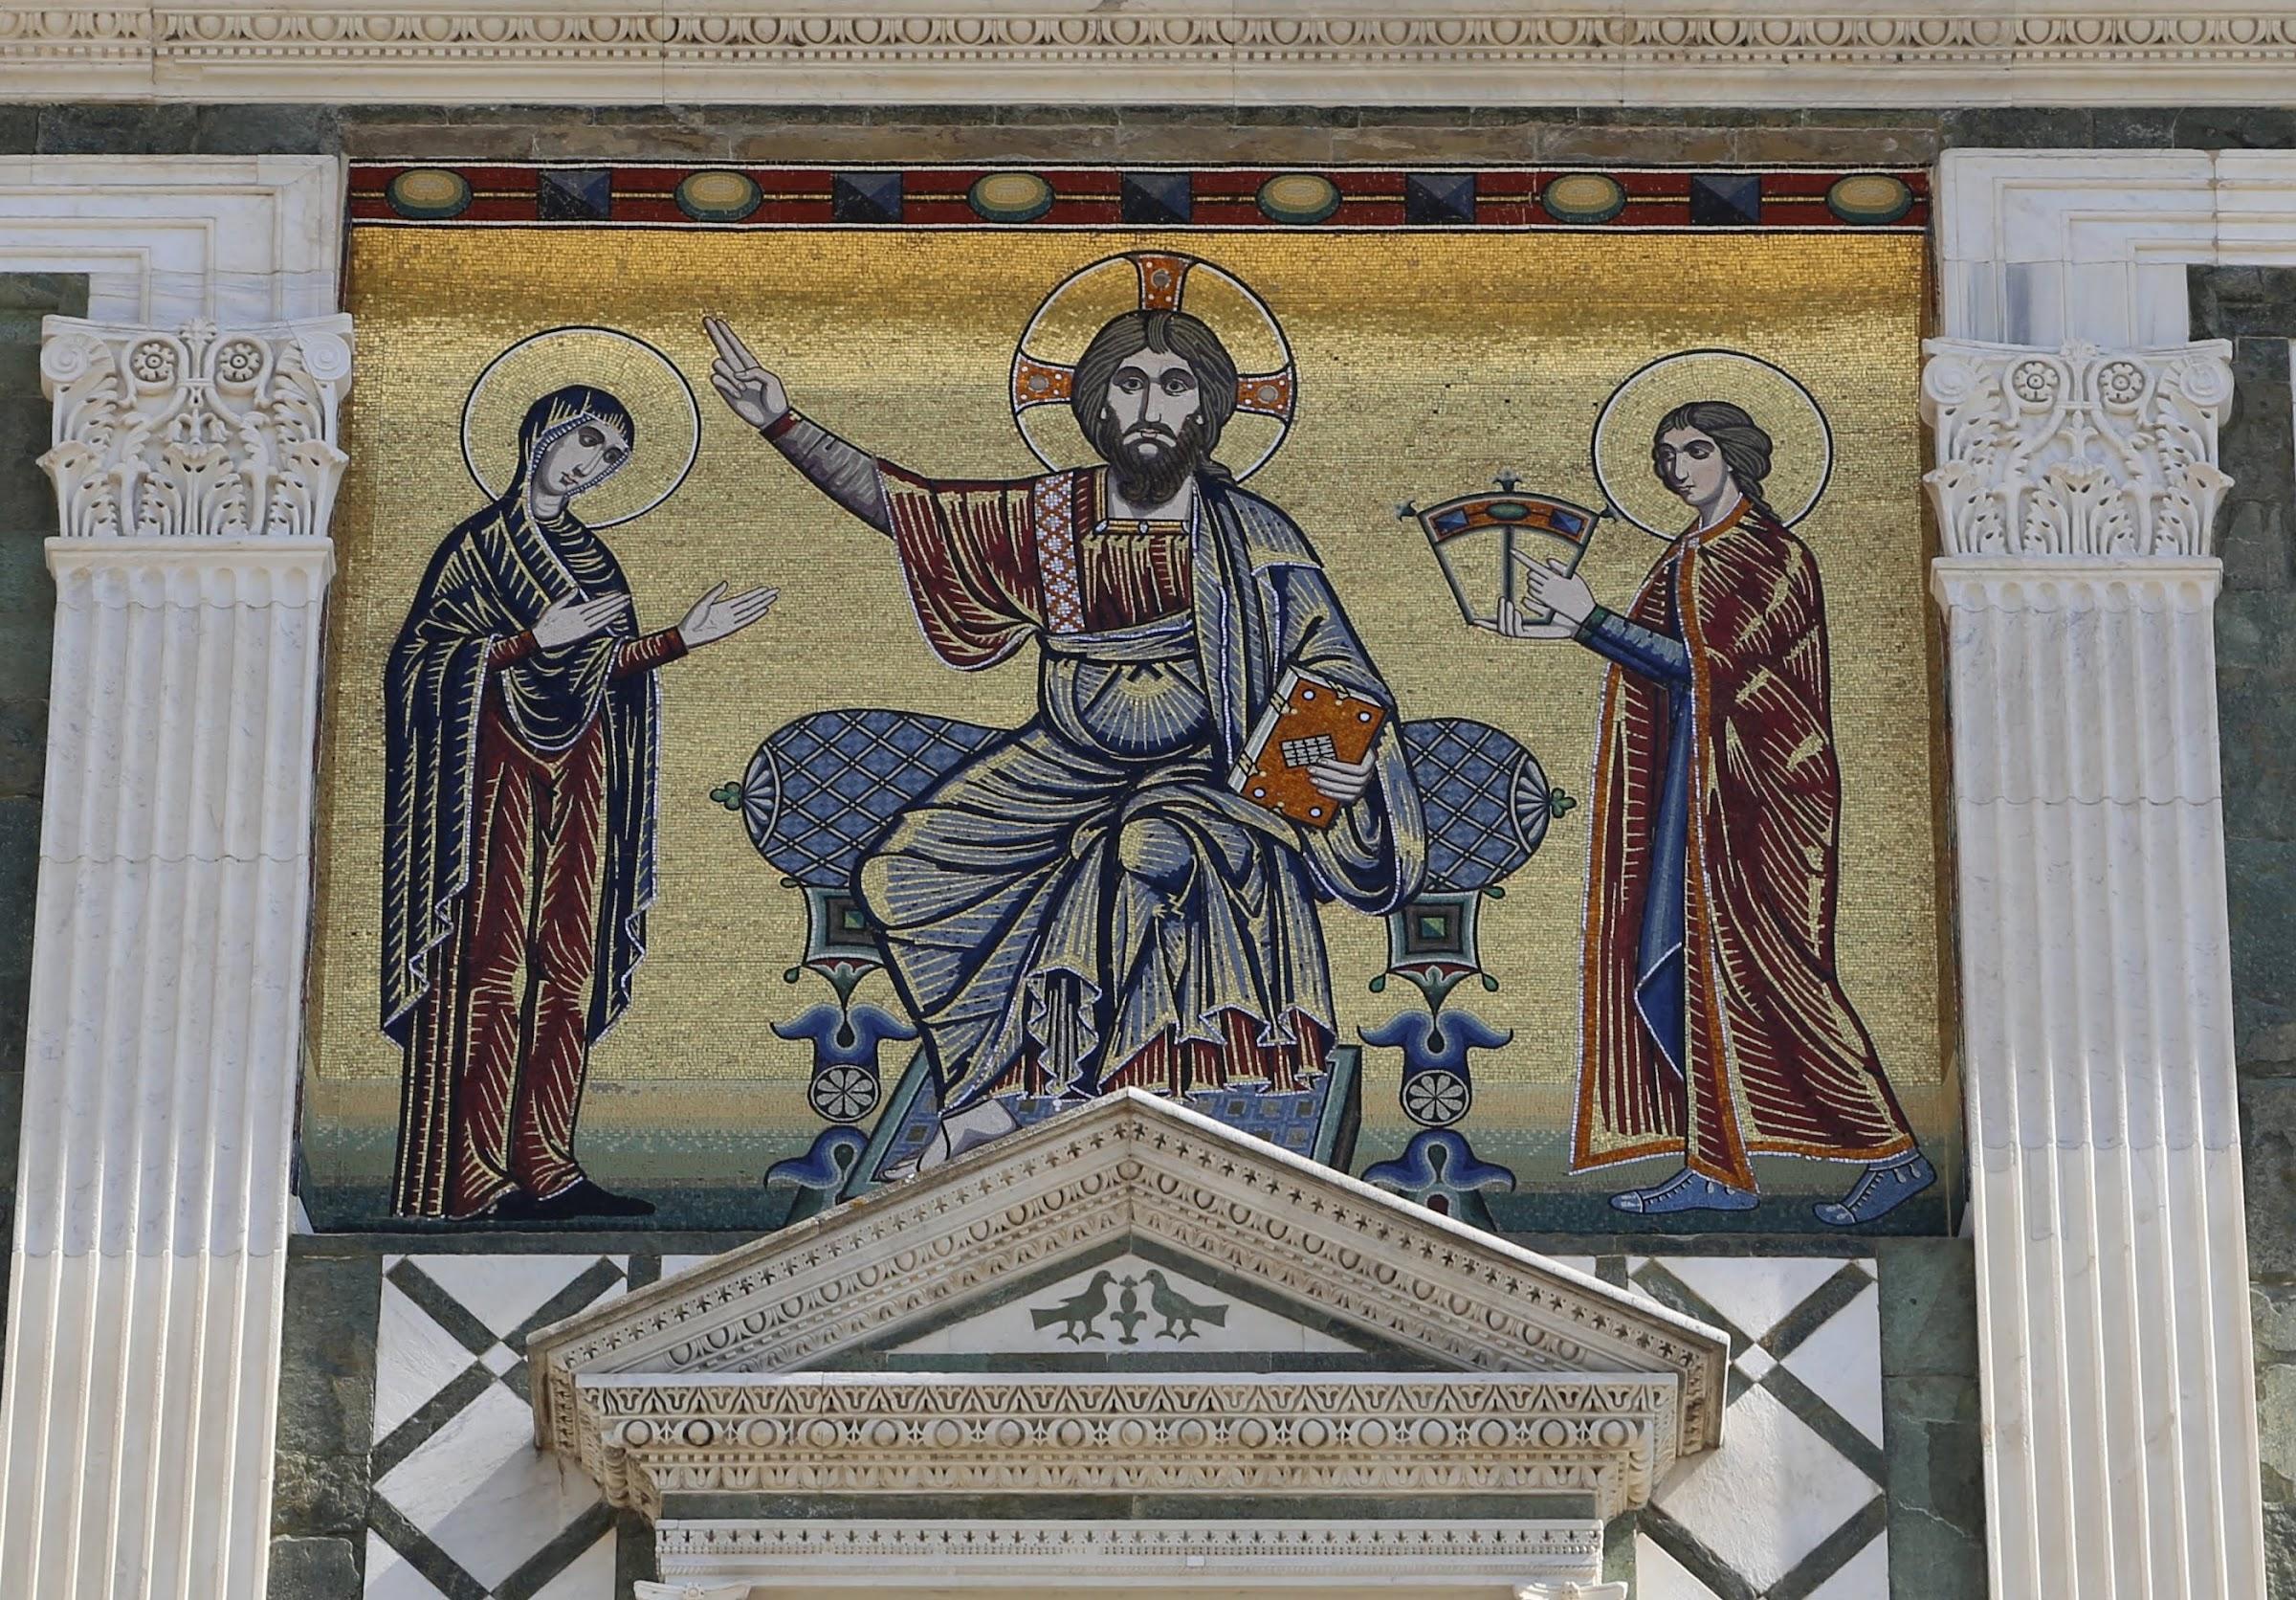 San Miniato al Monte, Firenze, la facciata con il mosaico di Cristo tra la Vergine e san Miniato, 1260 ca.